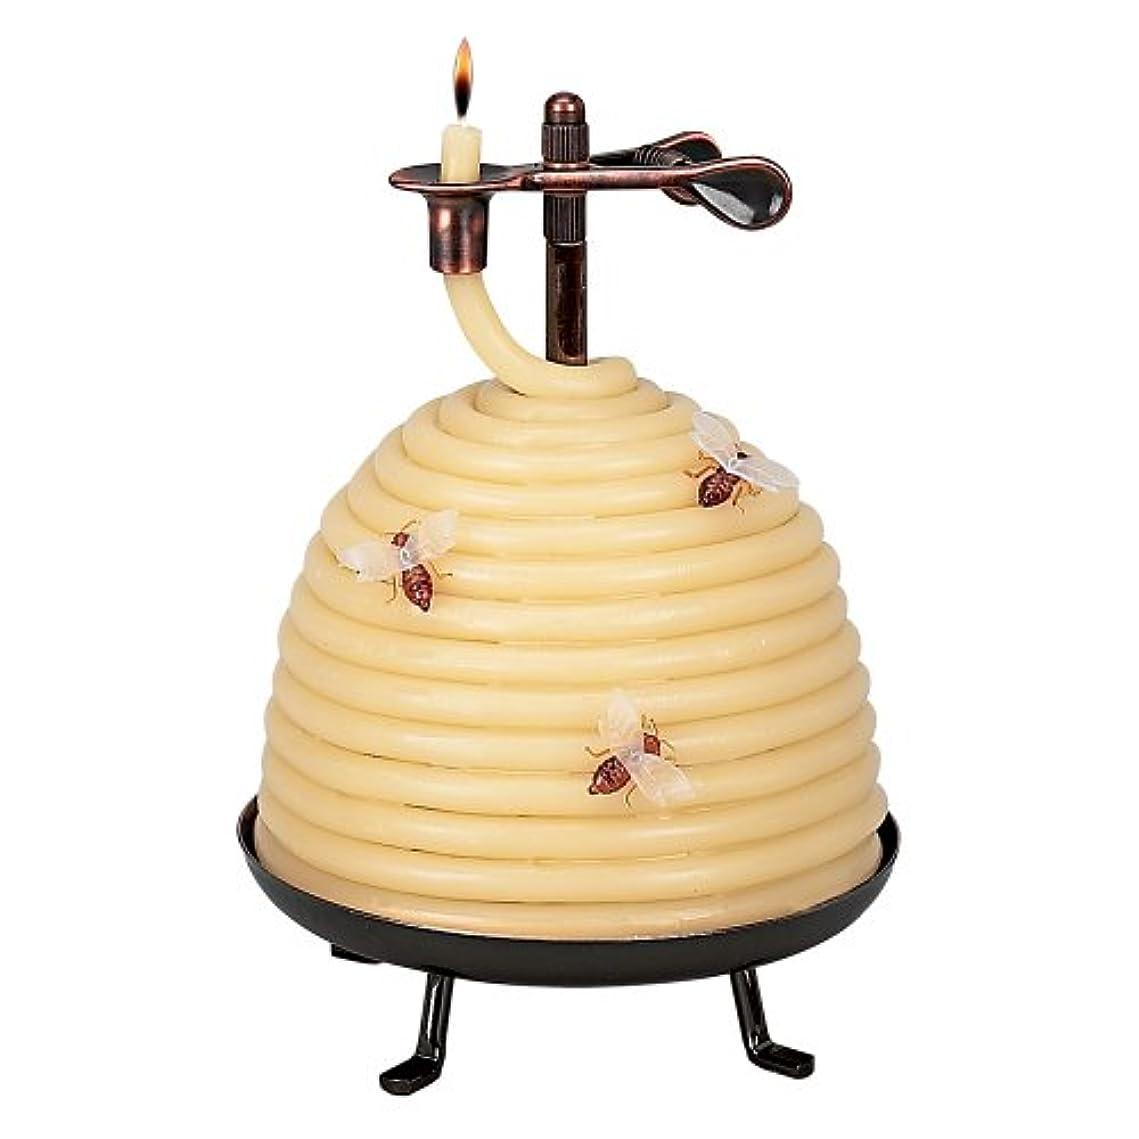 カウントアップ年齢クレタCandle By The Hour 20641B 70 Hour Beehive Coil Candle